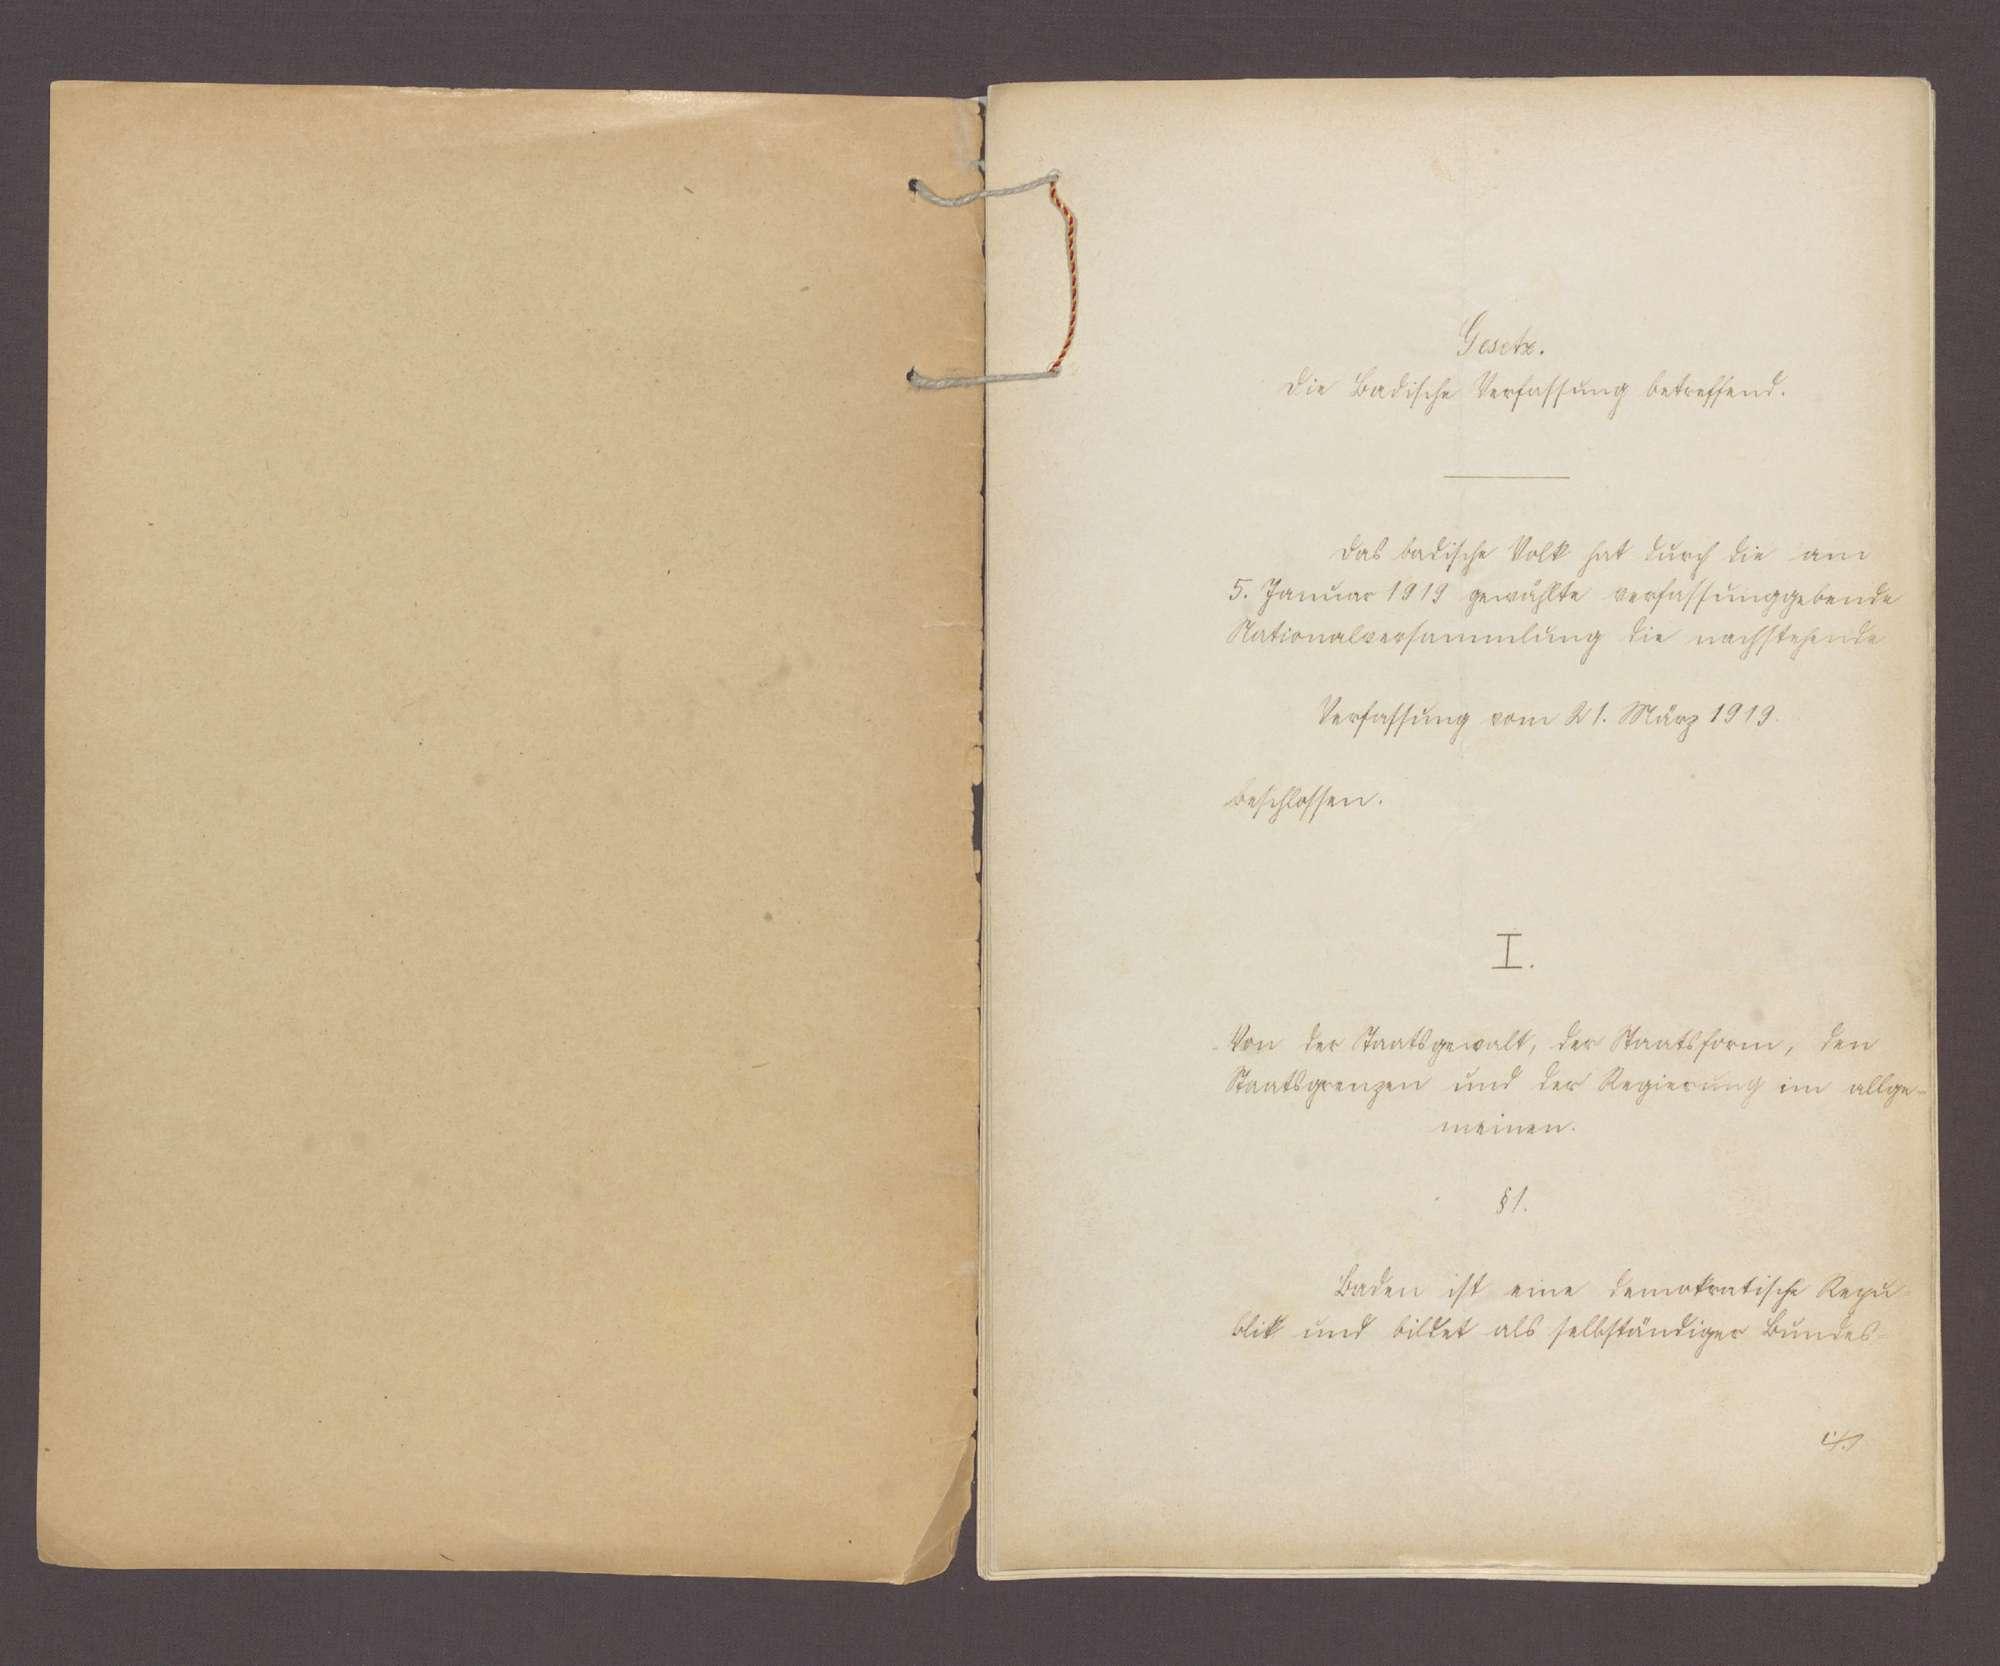 Gesetz über die badische Verfassung (21. März 1919), Bild 2